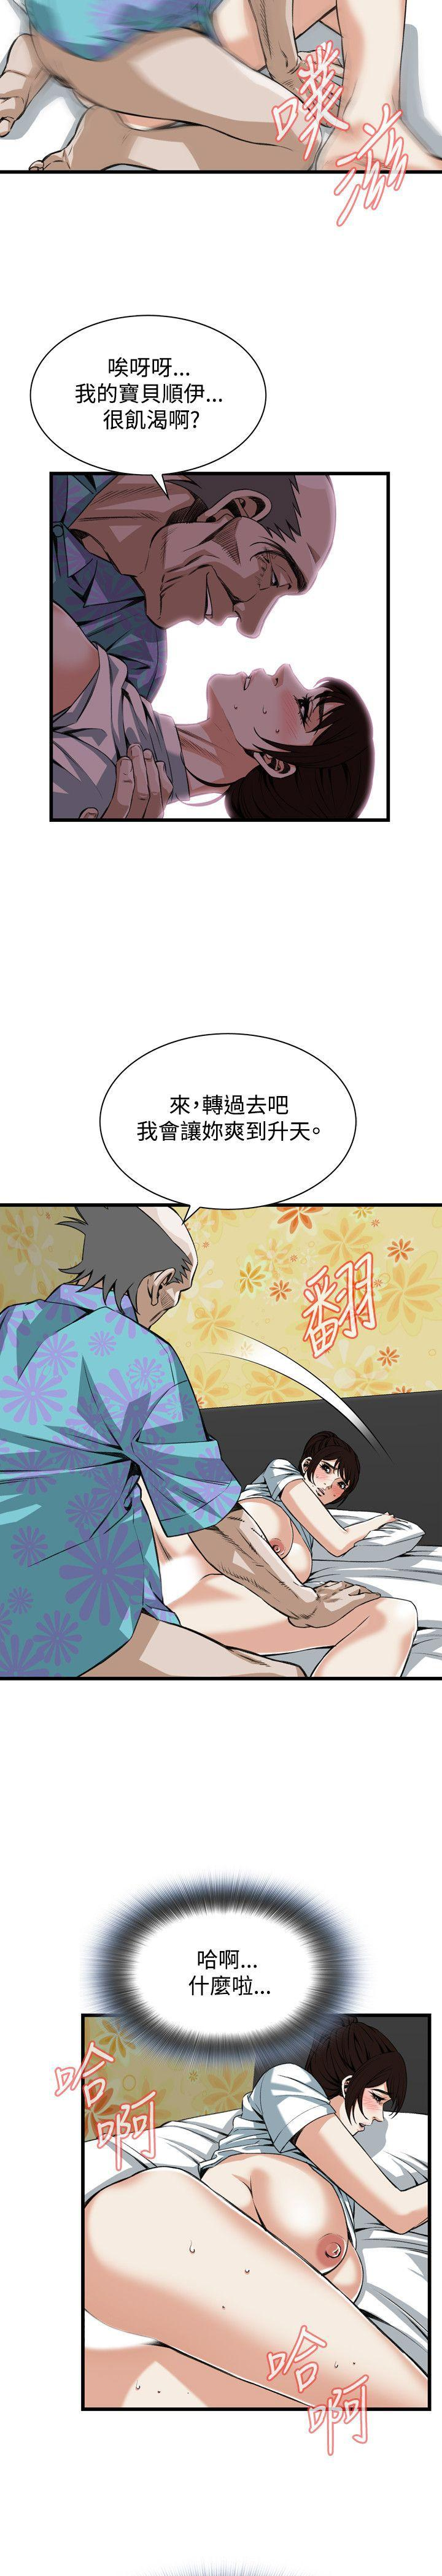 偷窥72-93 Chinese Rsiky 439